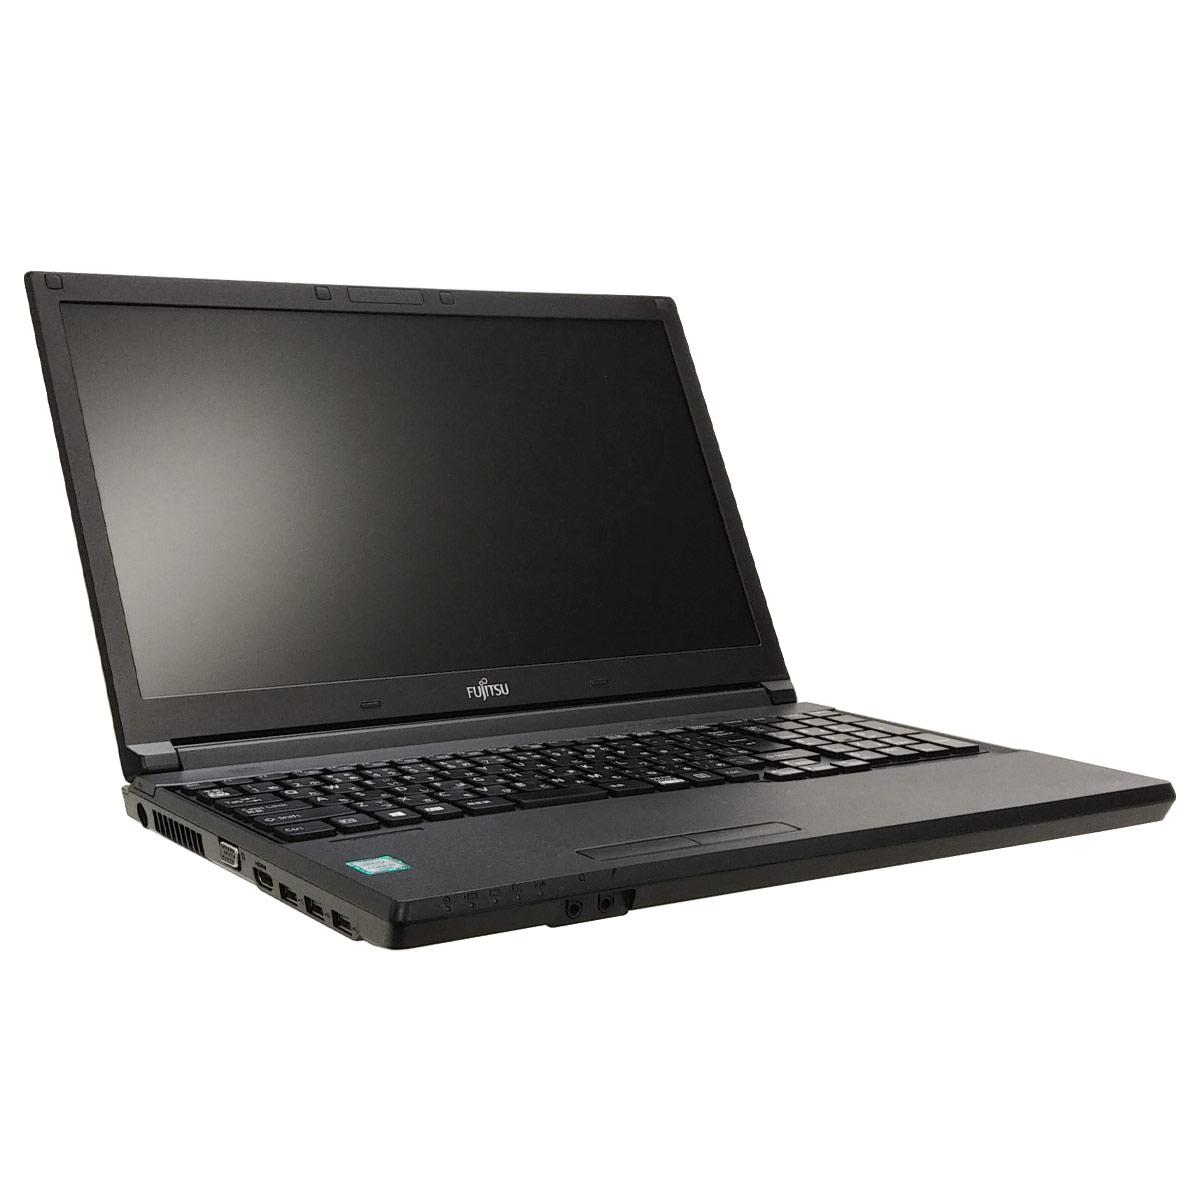 中古ノートパソコン 富士通 店長オススメ富士通ノート  Windows10Pro Corei3 6100U メモリ8GB SSD128GB DVDマルチ 15.6型 無線LAN WPS Office (1937) 3ヵ月保証 / 中古パソコン